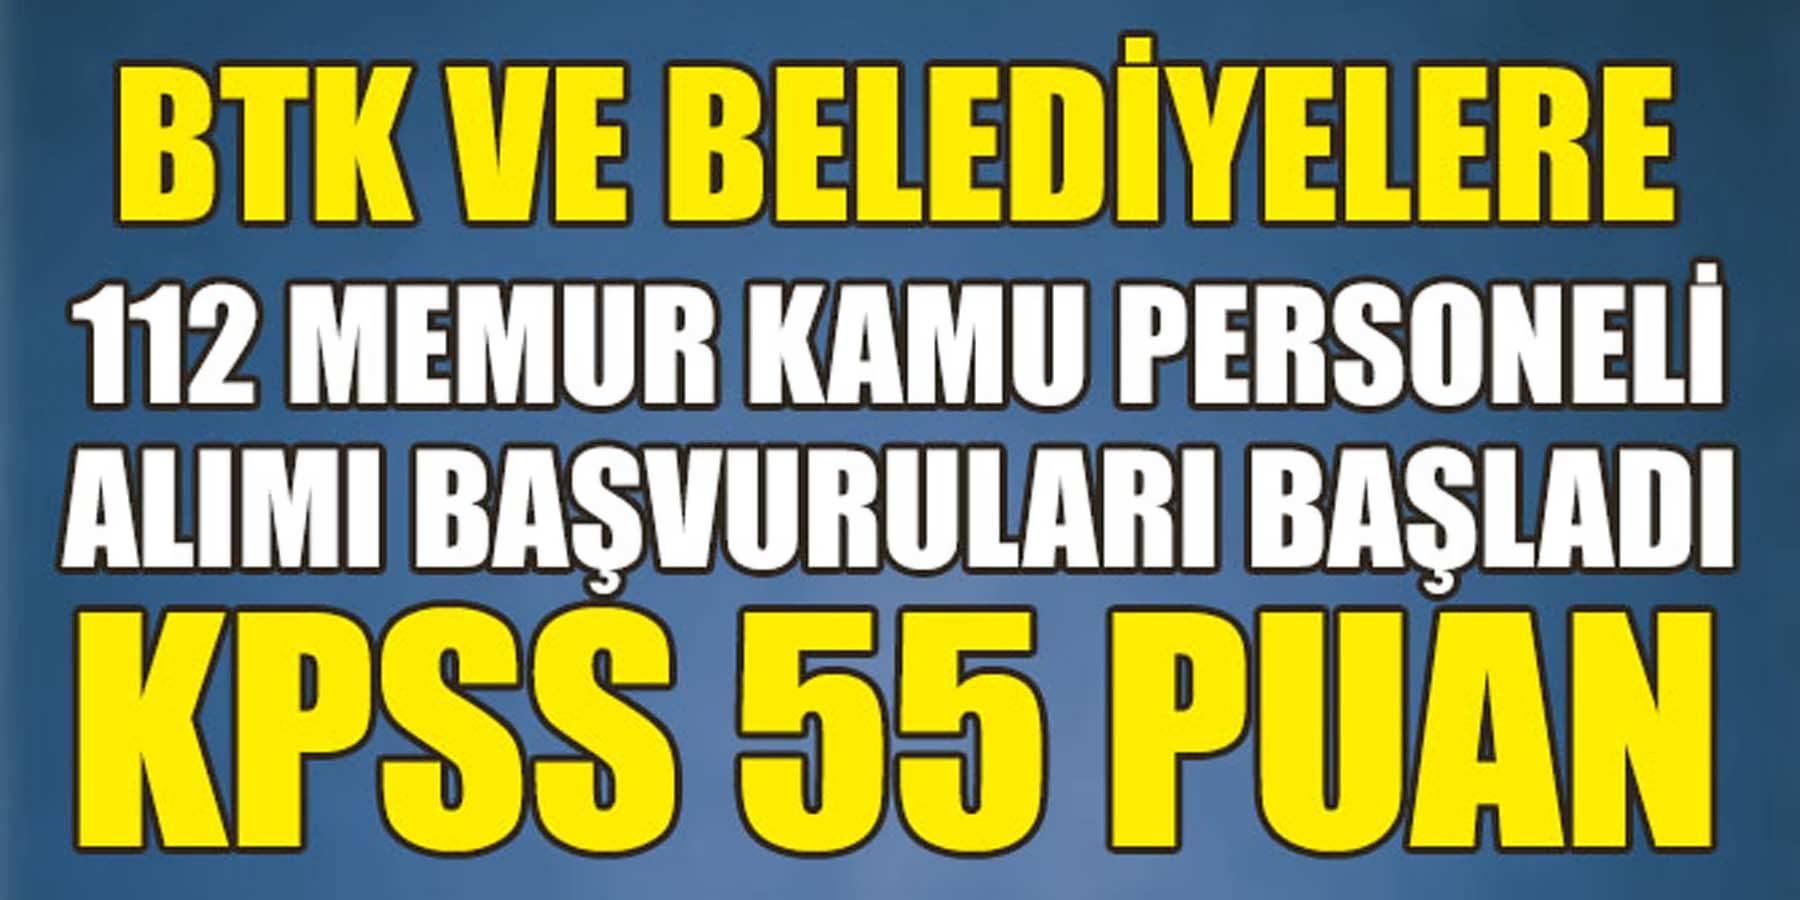 KPSS 55 Puanla BTK ve Belediyelere 112 Memur Alımı Başvuruları Başladı